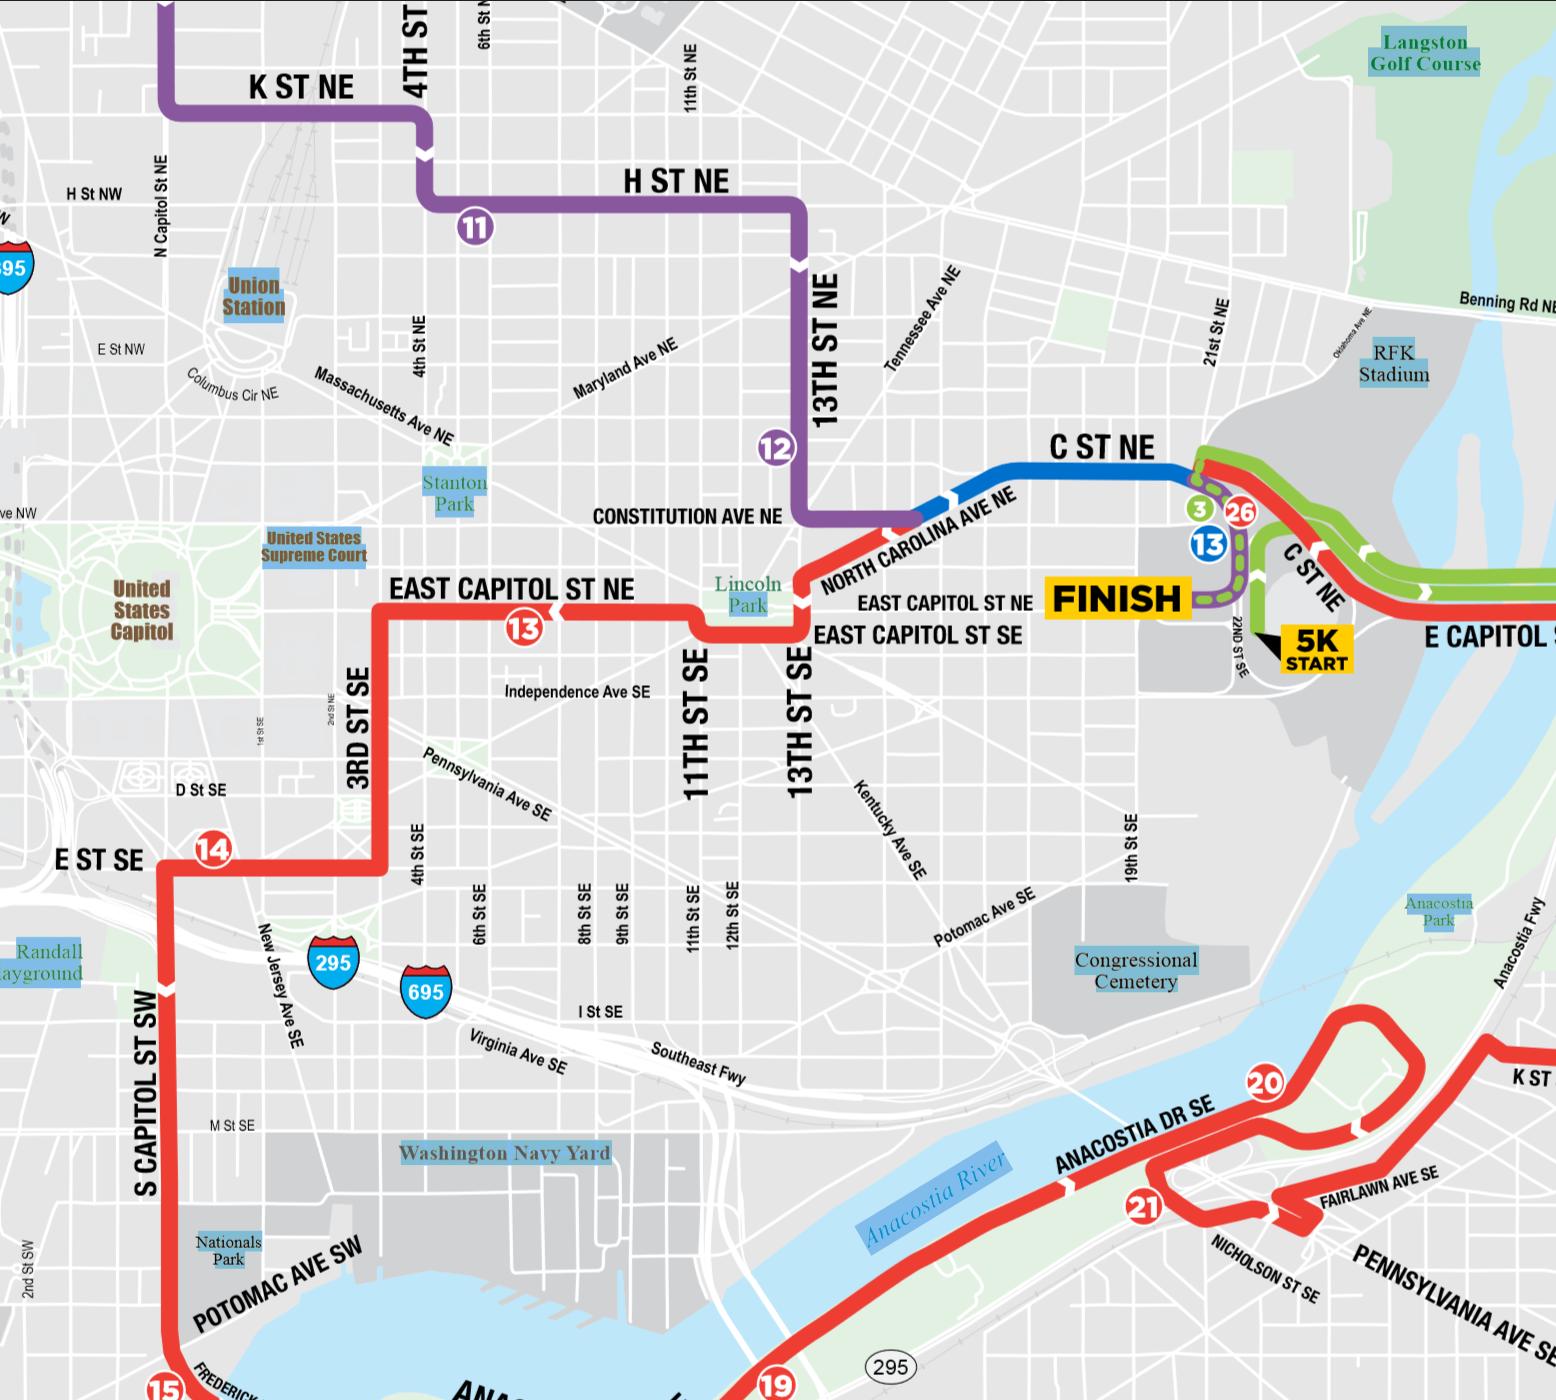 Se Dc Map.Anc 6c Rnr Marathon Map Detail Midcity Dc News